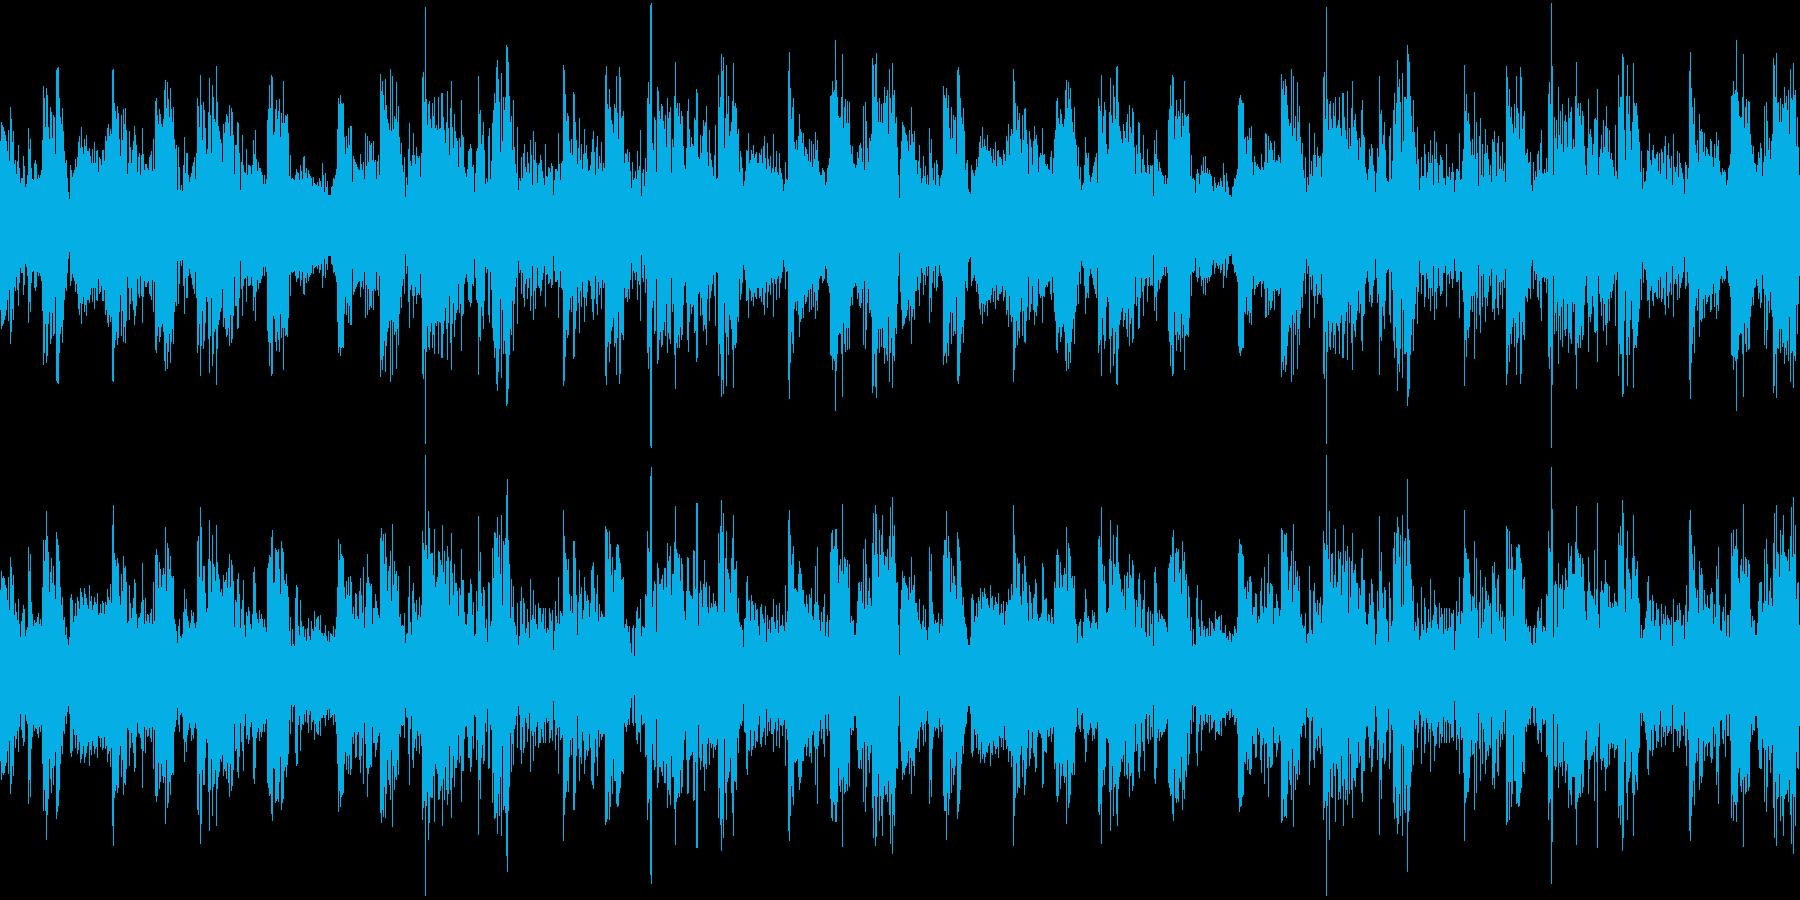 もやもやした怪しげな雰囲気のあるテクノの再生済みの波形